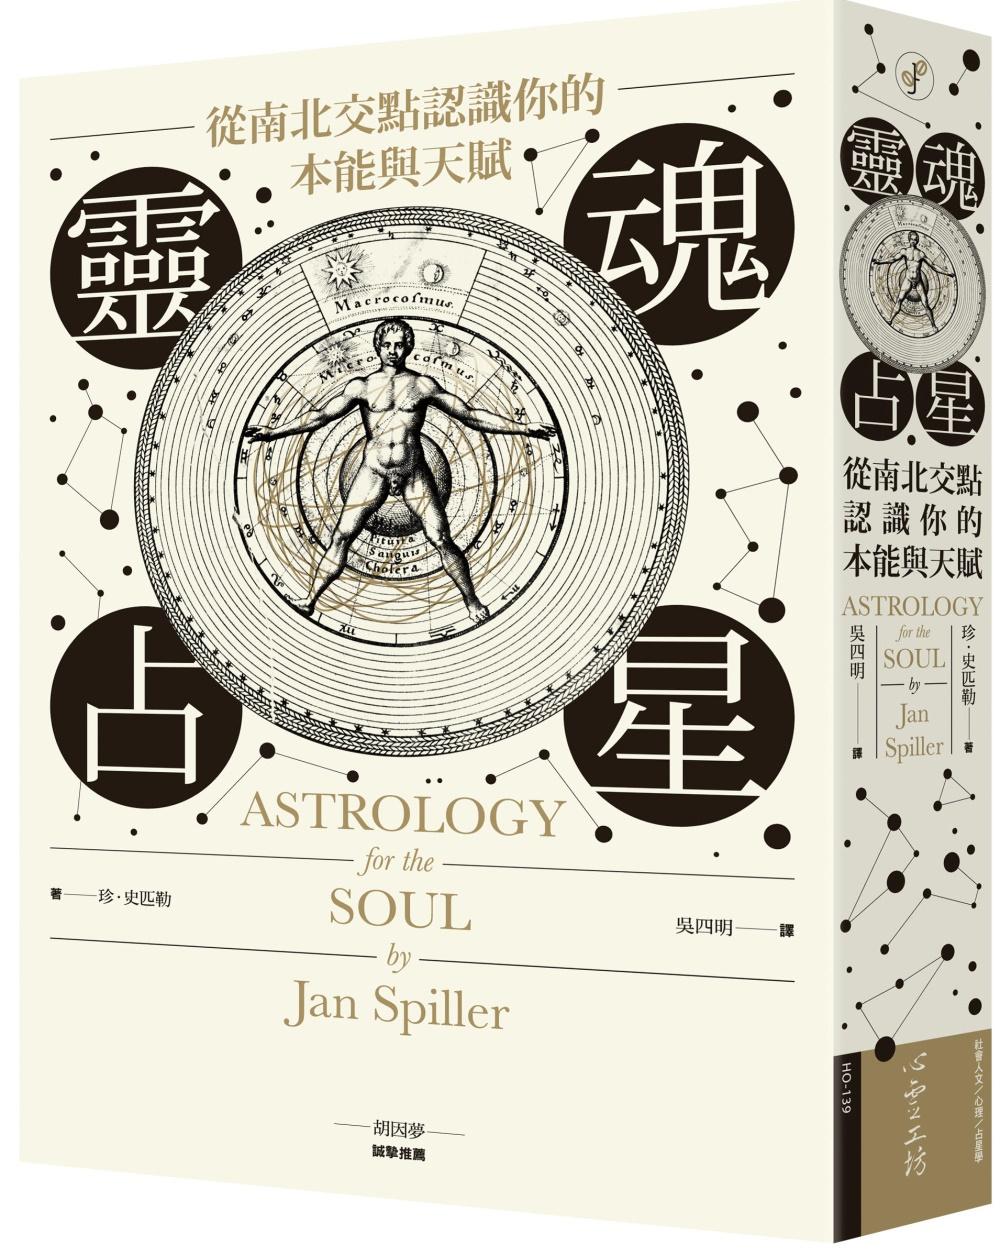 靈魂占星:從南北交點認識你的本能與天賦